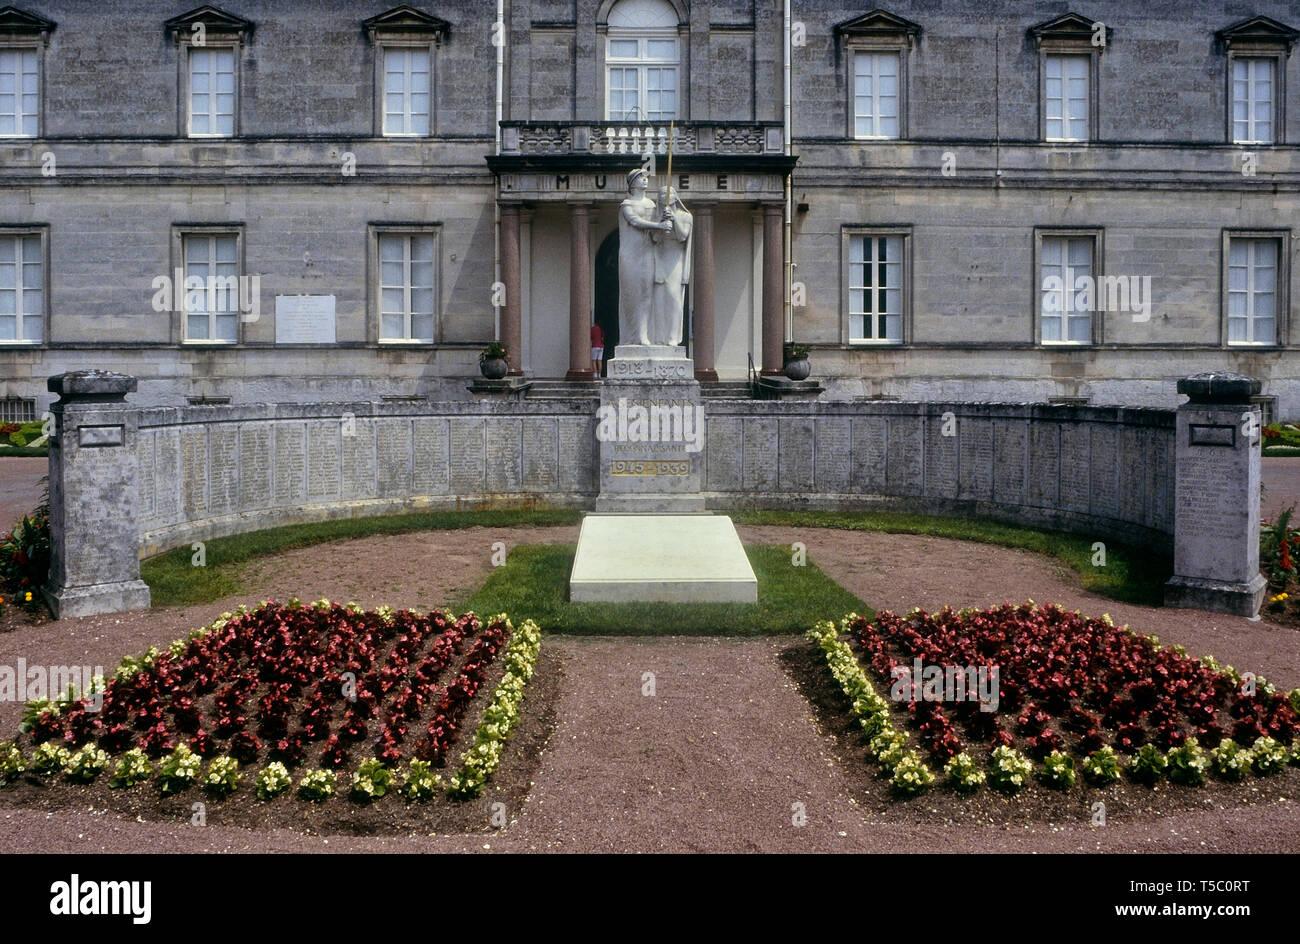 Museo de Arte e Historia y War Memorial, coñac, Charente, Francia Imagen De Stock